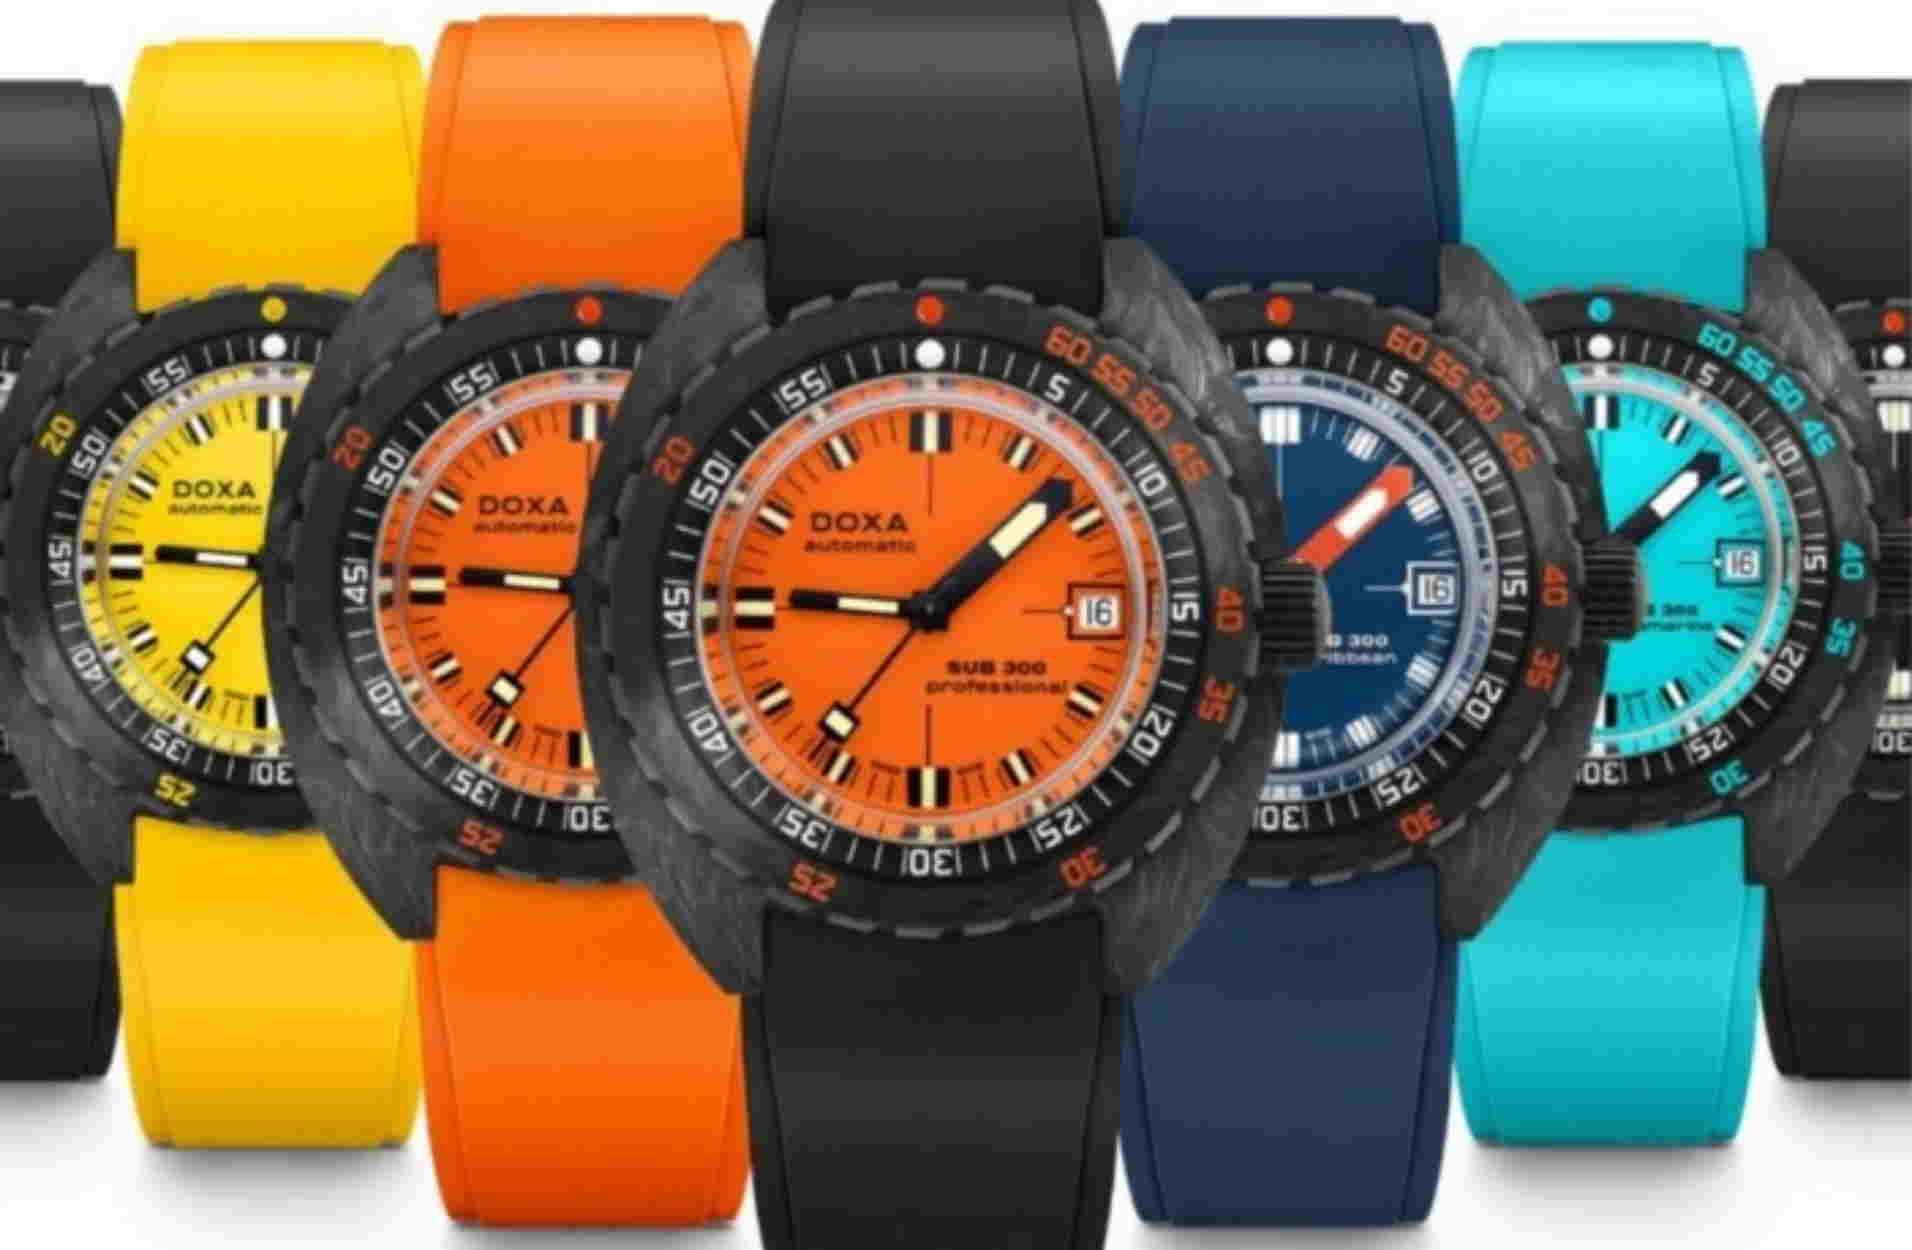 10 στιβαρά καταδυτικά ρολόγια σε απίστευτα χρώματα από την Doxa